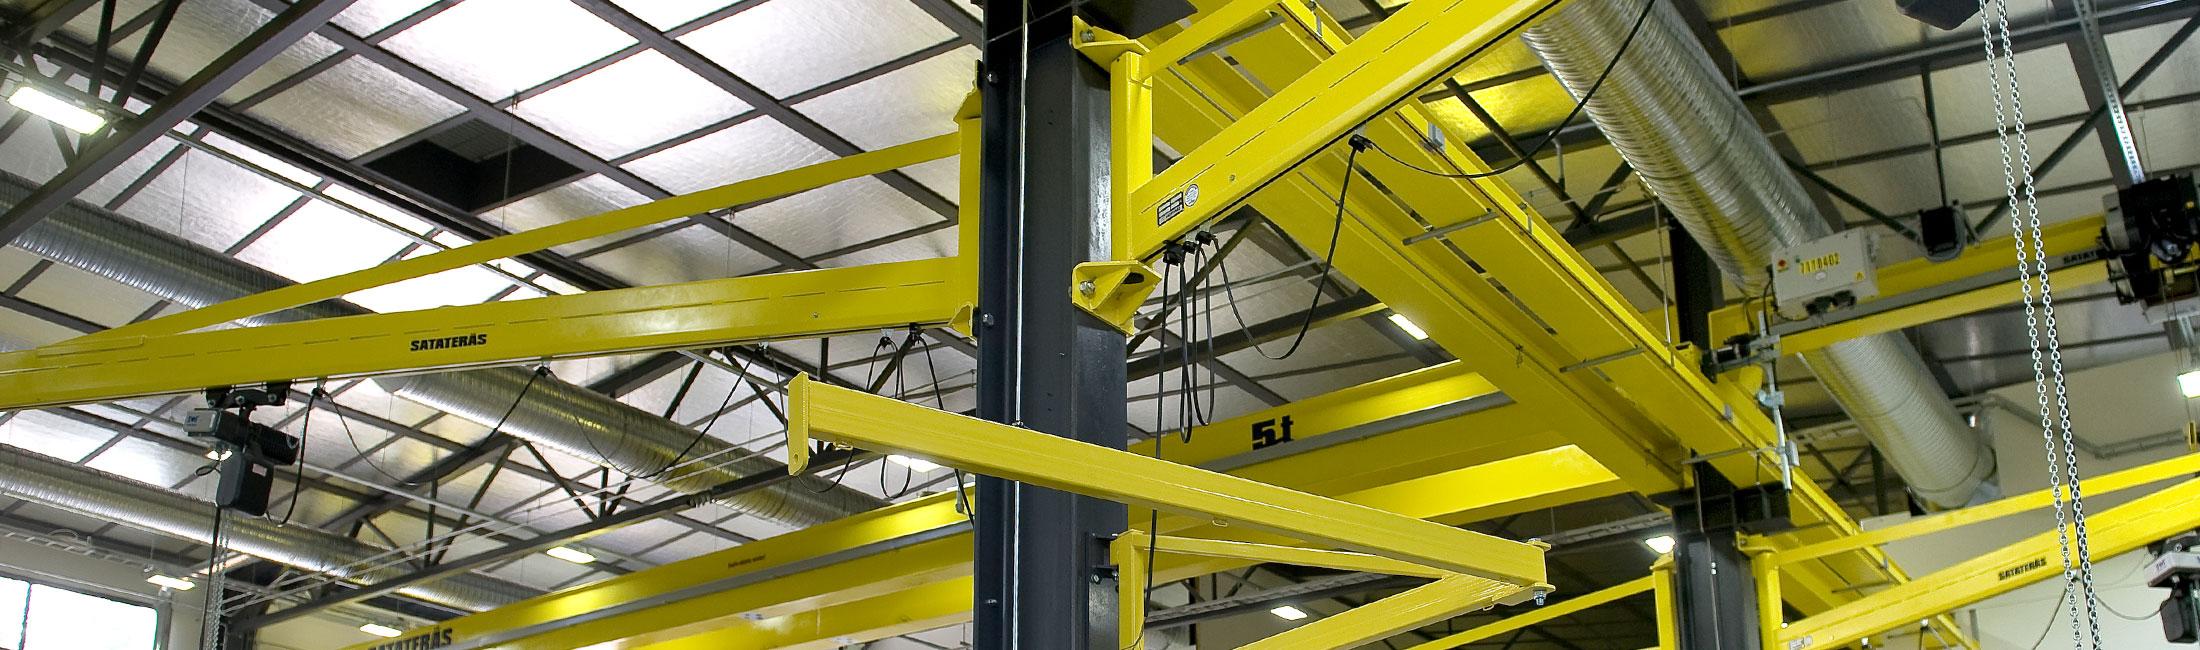 teollisuus-metalliteollisuus-teollisuuden-kaantopuominosturit-satateras-2